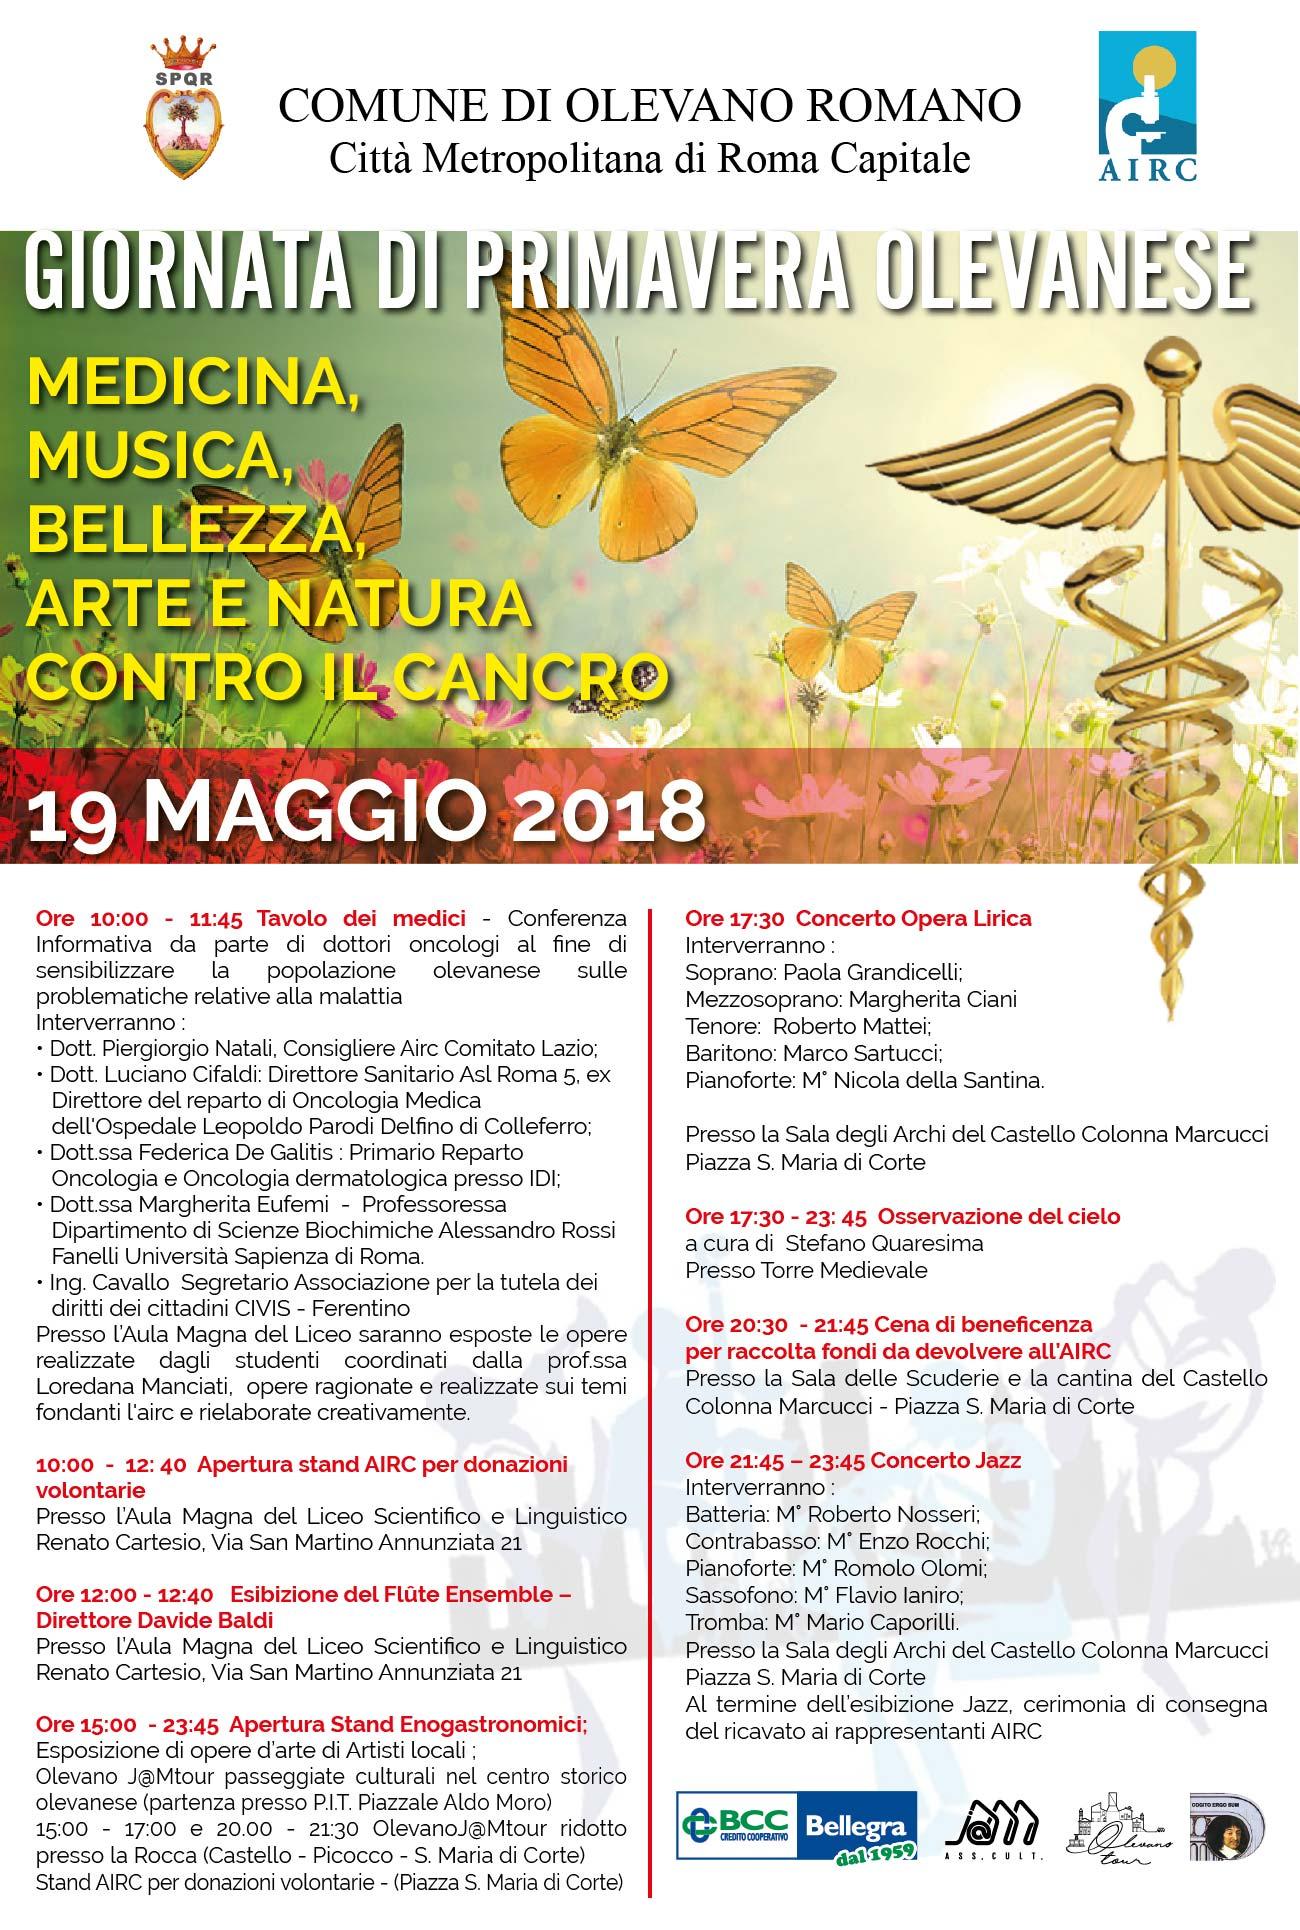 https://www.comune.olevanoromano.rm.it/immagini_news/public/allegato/46-Manifesto-contro-il-cancro.jpg